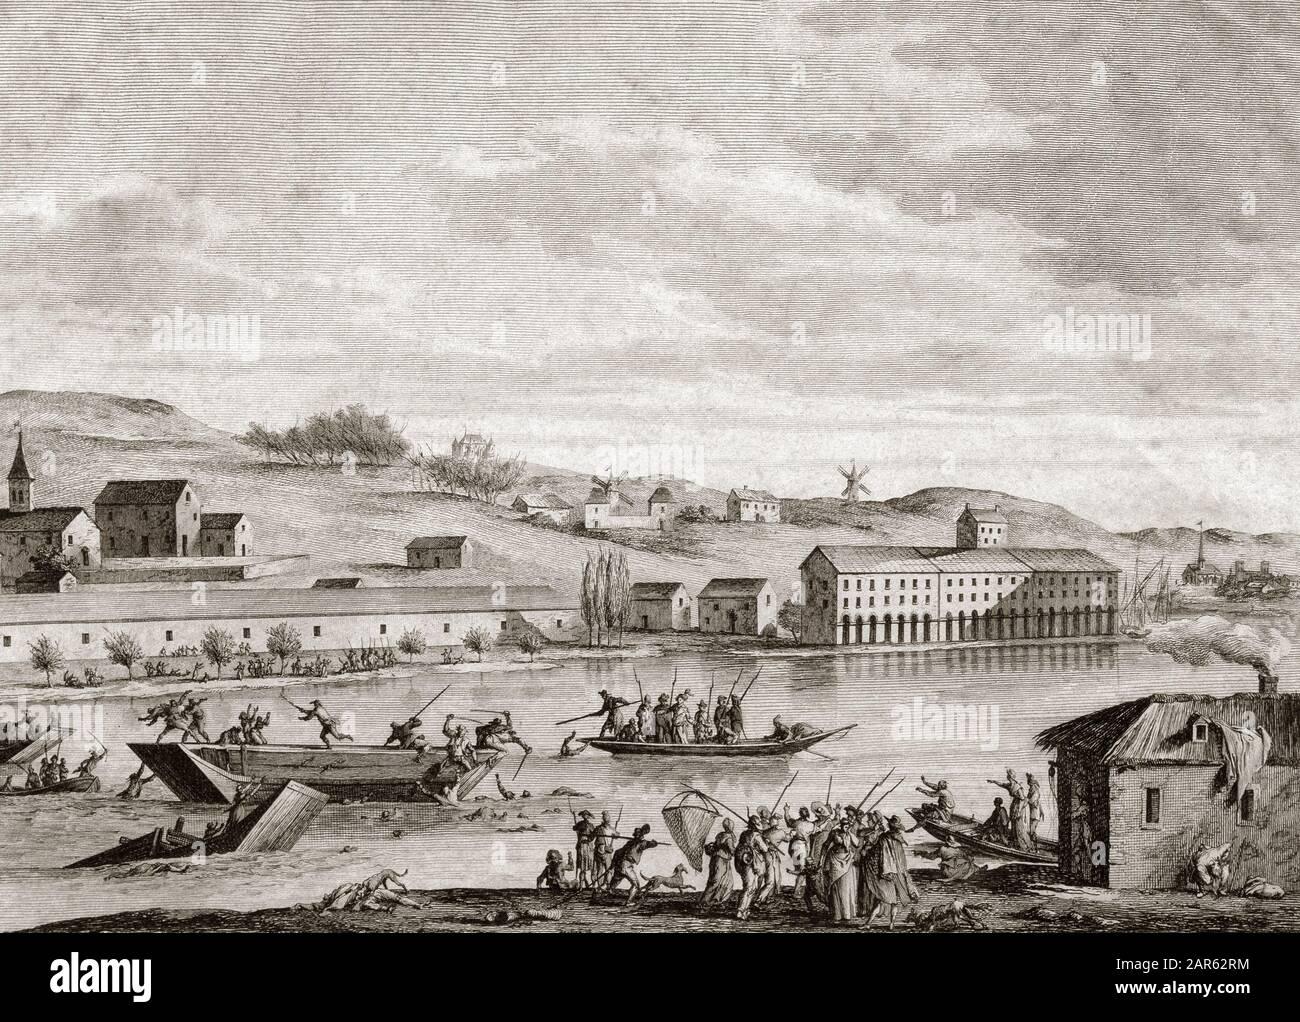 The Nantes Drowning - La Terreur pendant la Revolution Francaise : les noyades de Nantes, 1793 - des pretres insermentes enfermes dans un bateau sont Stock Photo